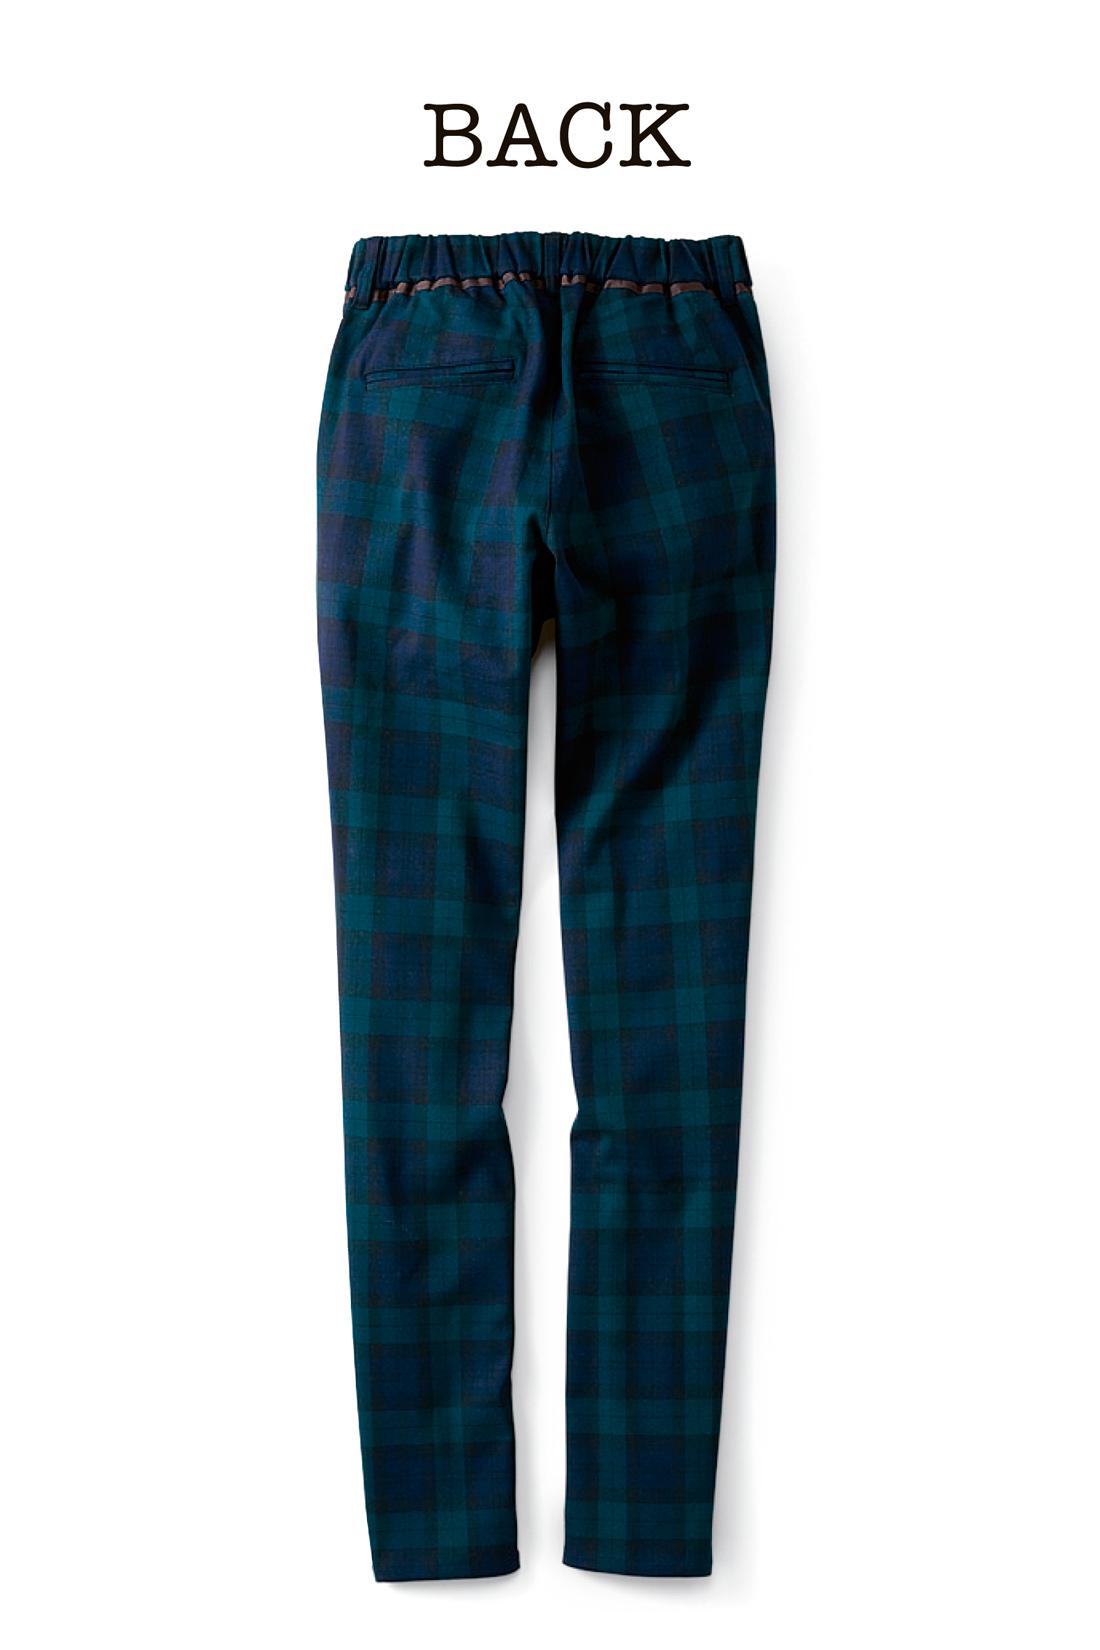 バックスタイルには、玉縁ポケット。品よく、すっきり。 ※お届けするカラーとは異なります。